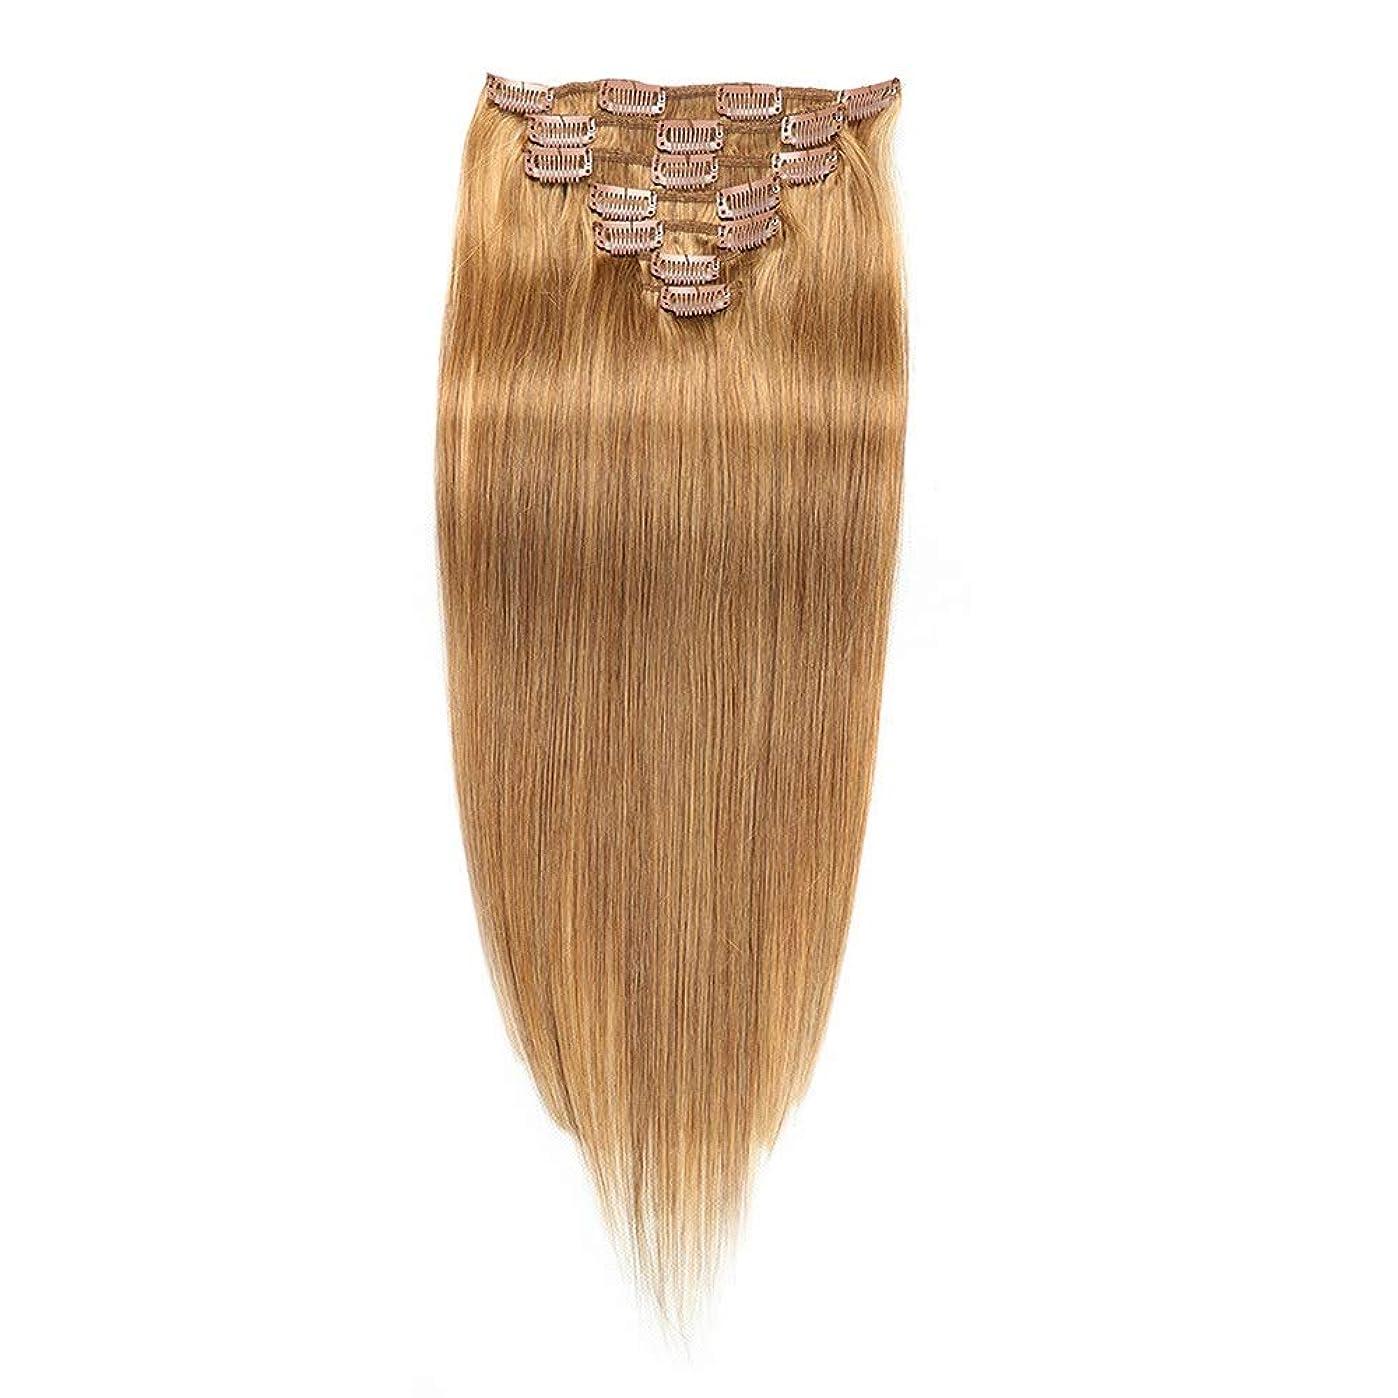 副産物どこにでもドキュメンタリーHOHYLLYA 7個金髪人毛エクステンションクリップイン - #12明るいブロンドカラーストレートヘア22インチナチュラルルッキングロールプレッグウィッグレディースナチュラルウィッグ (色 : #12 blonde)